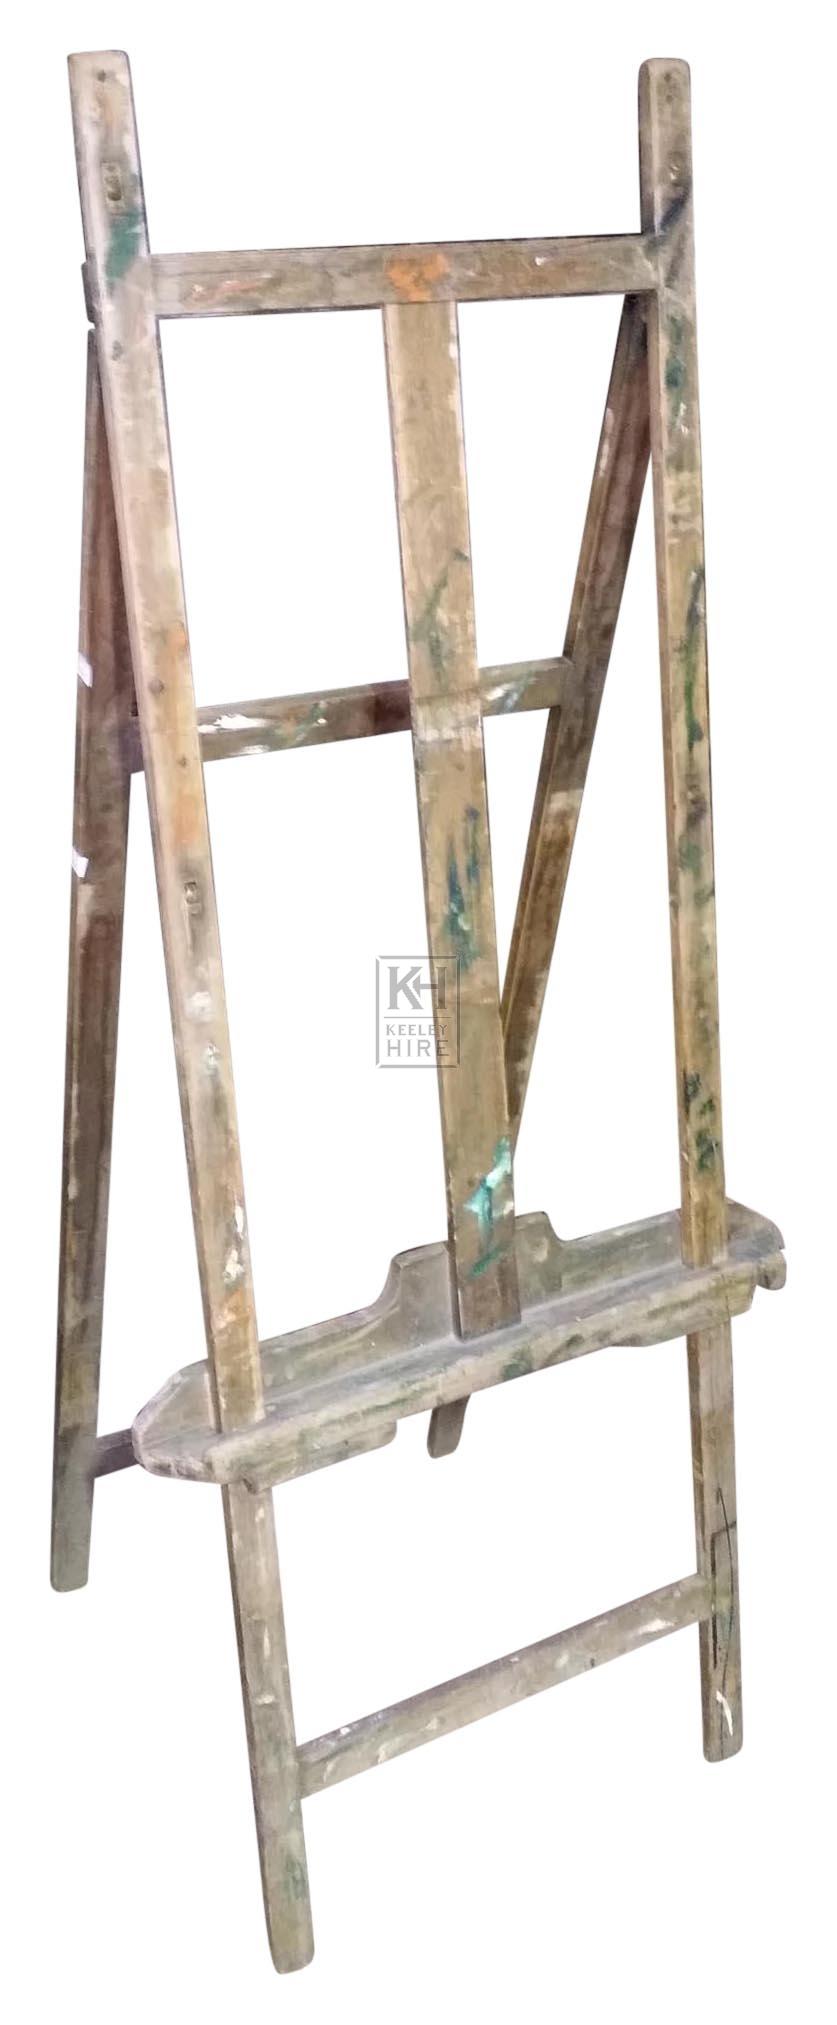 Freestanding artist easel